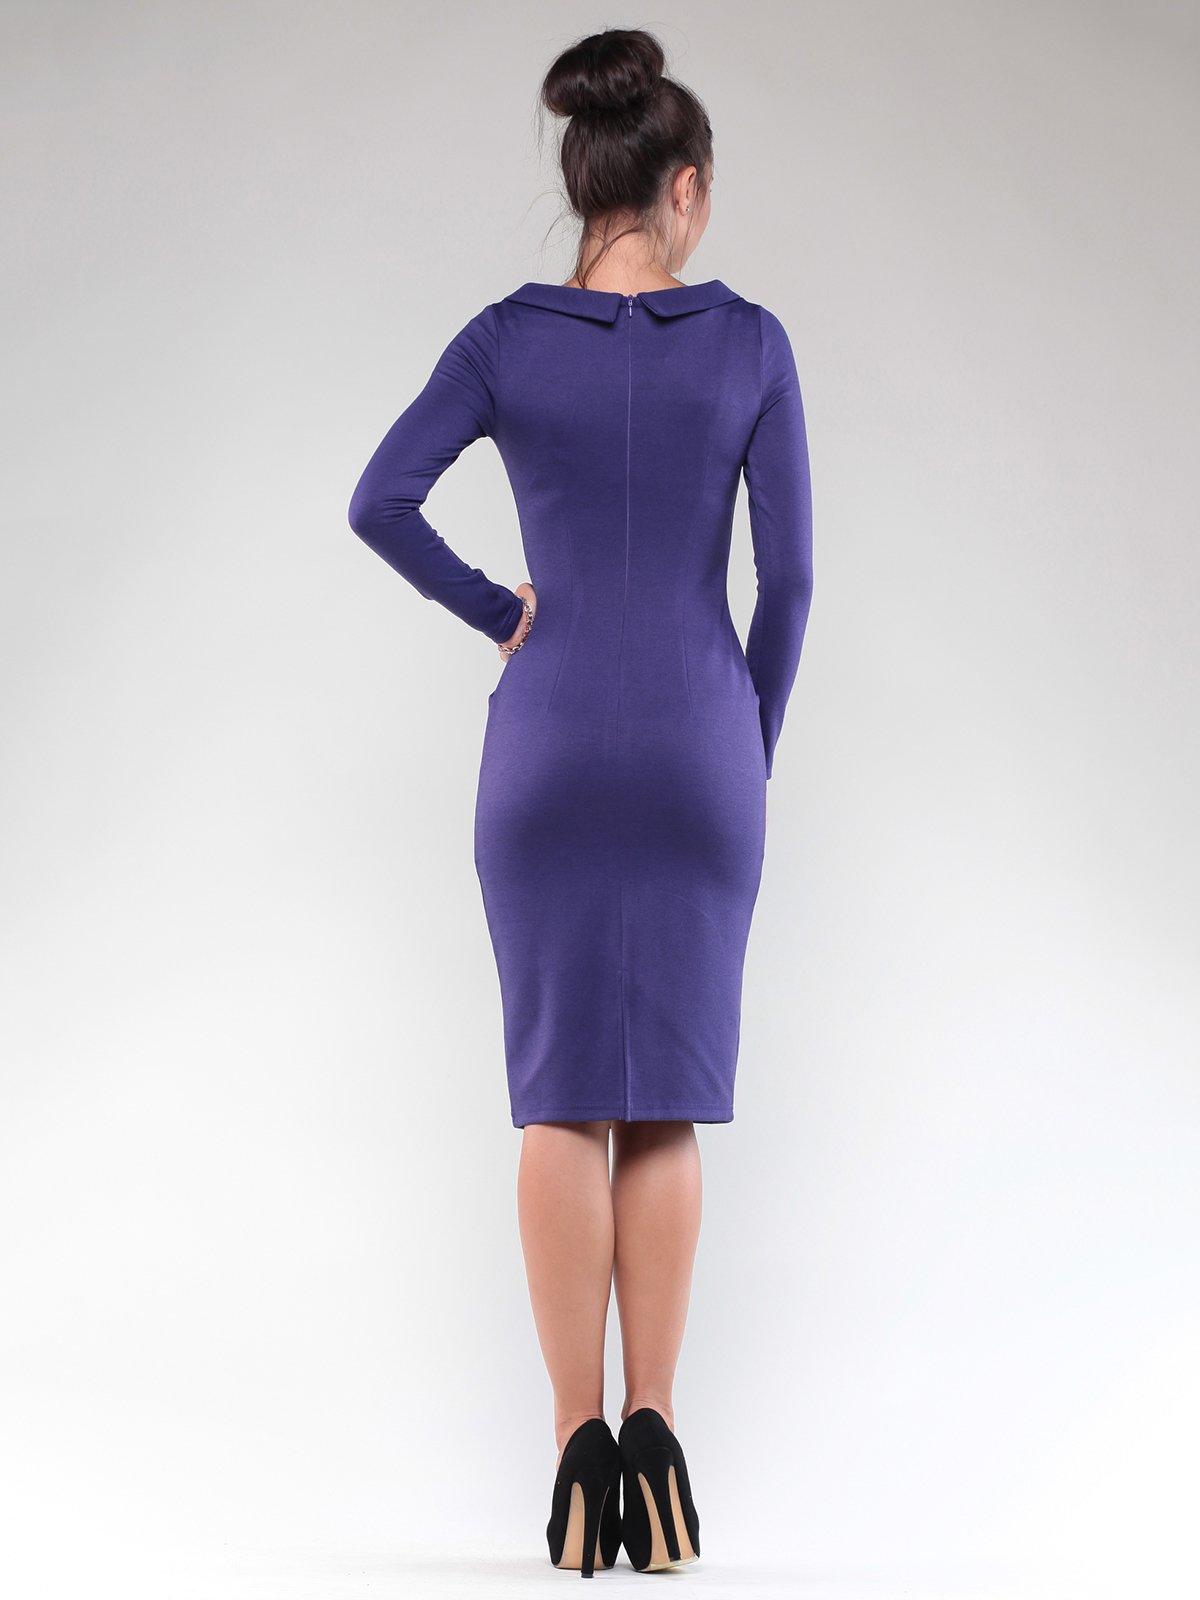 Платье темно-фиолетовое | 1832230 | фото 2